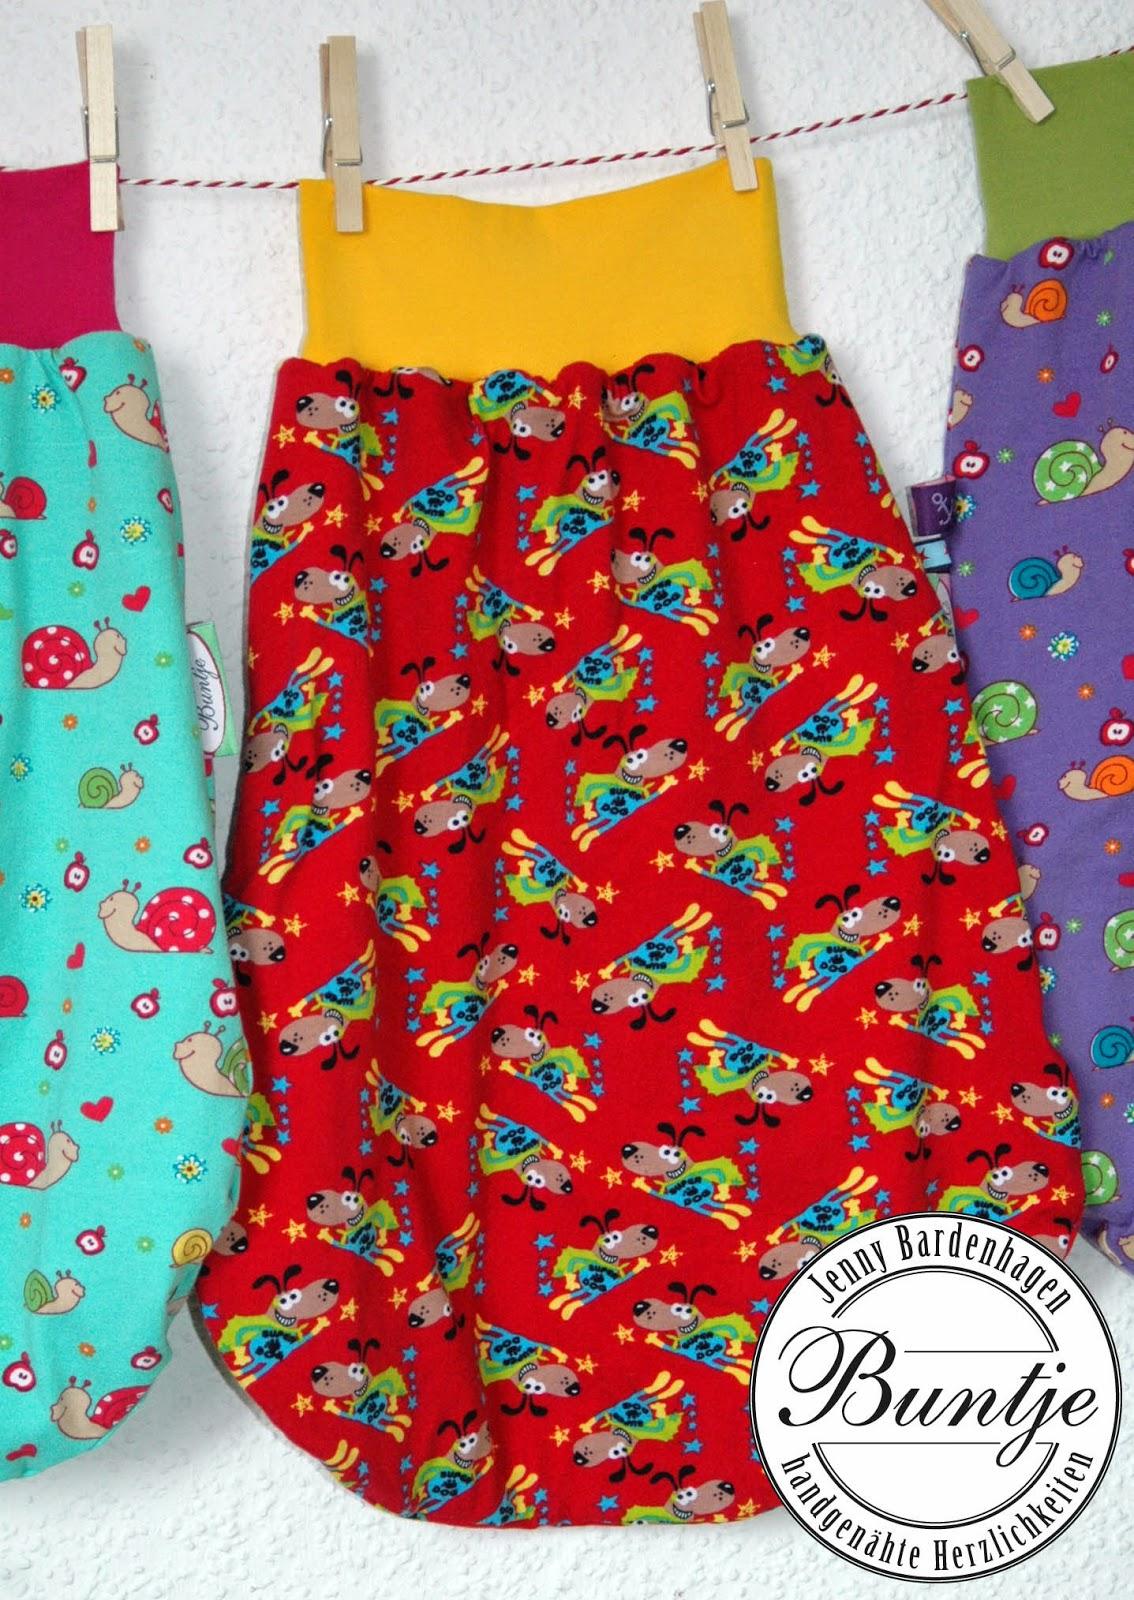 Pucksack Kuschelsack Strampelsack Baby Geschenk Geburt Taufe Baumwolle gefüttert Farbenmix Jersey handmade nähen Buntje individuell Junge Mädchen rot gelb Hund Superheld Tiere